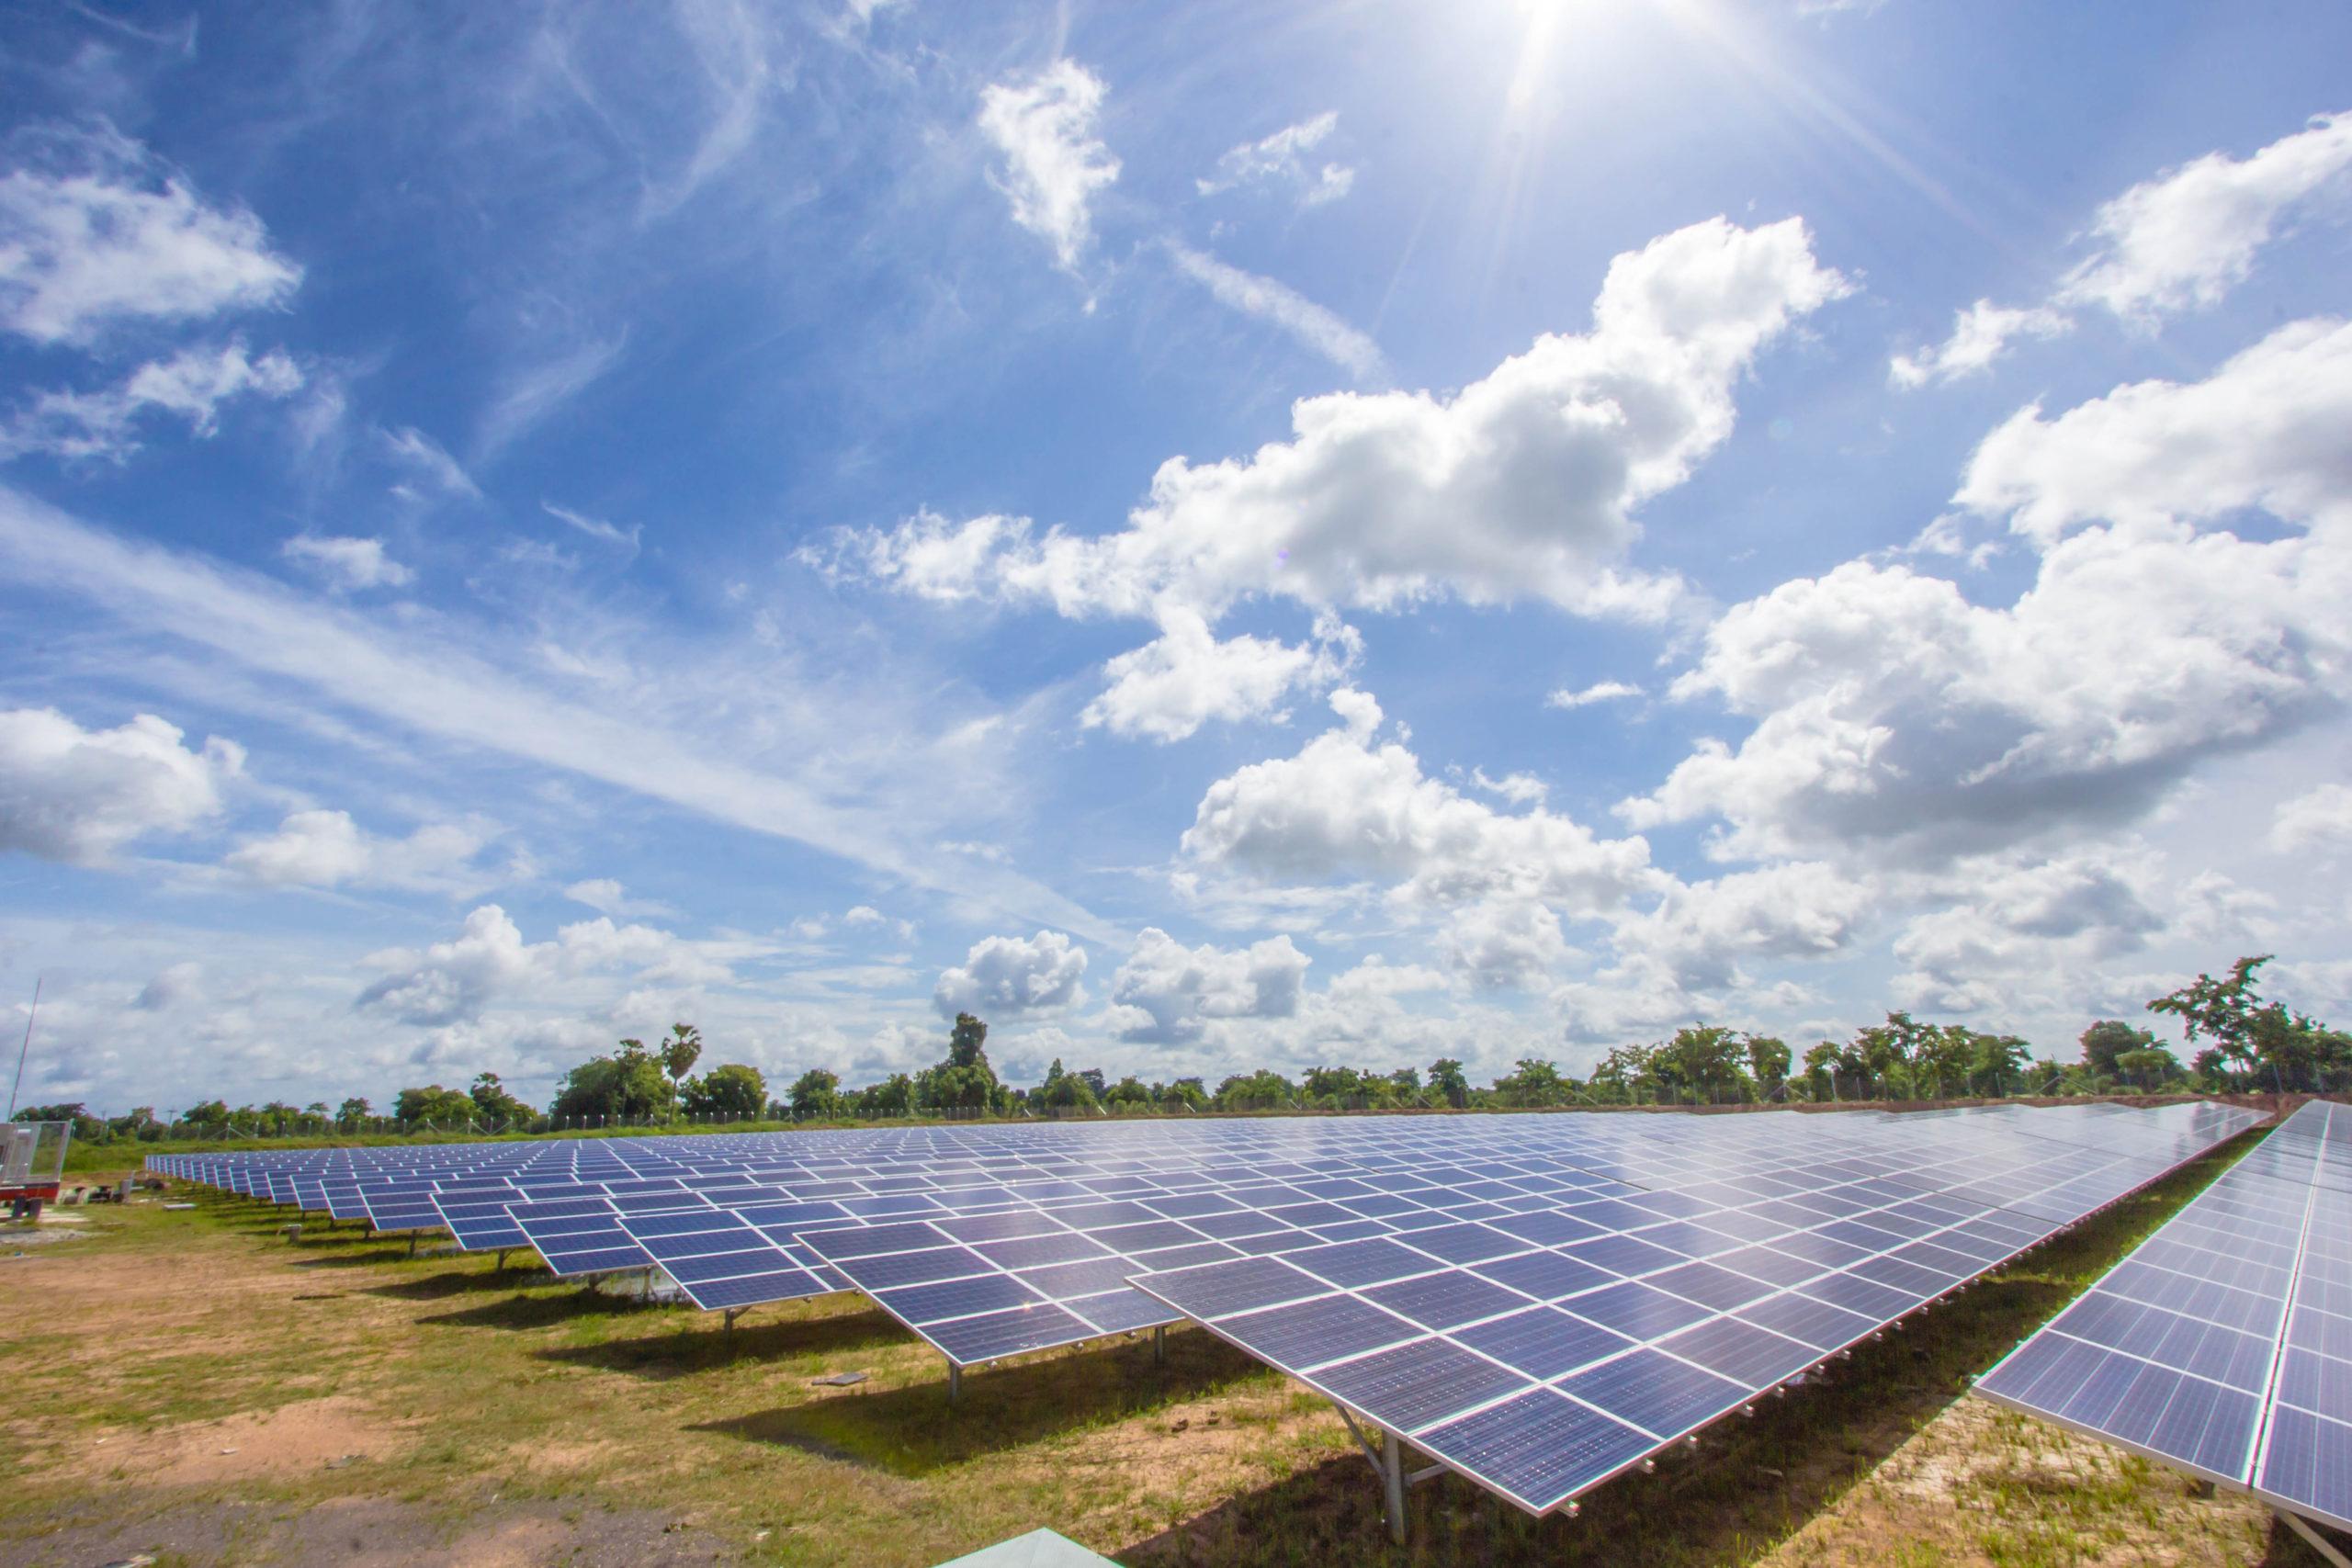 Que es un parque solar fotovoltaico